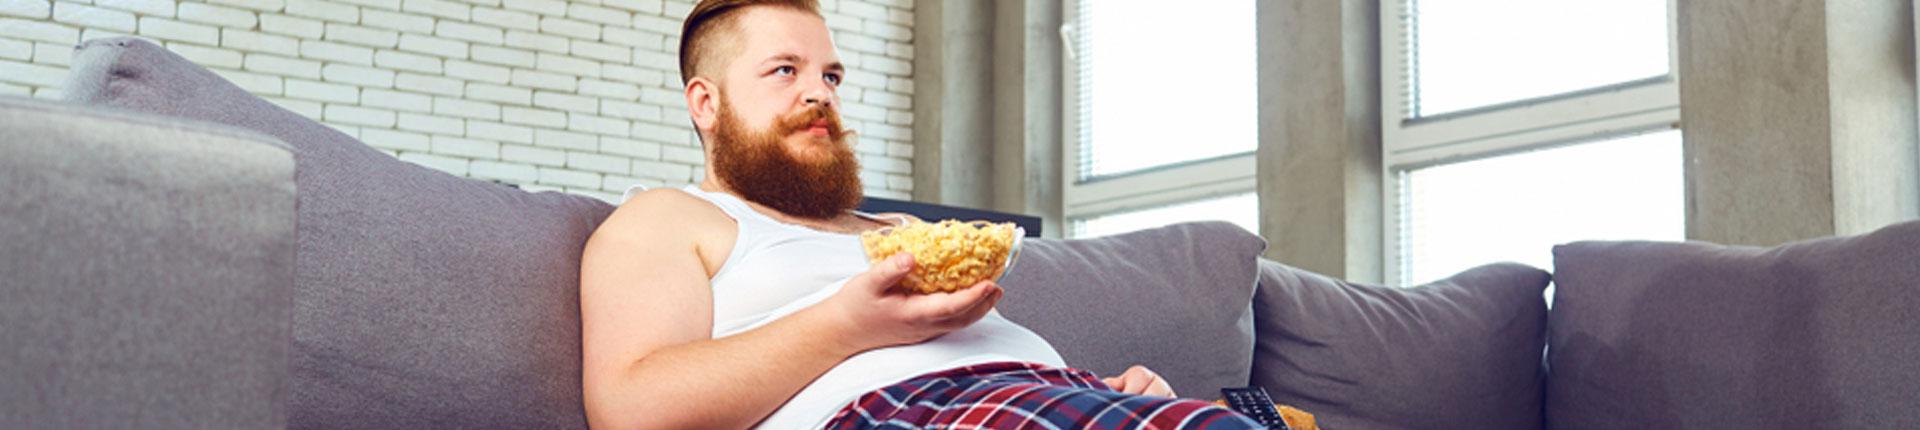 COVID a nieaktywność fizyczna. Jak duże zagrożenie stanowi otyłość?